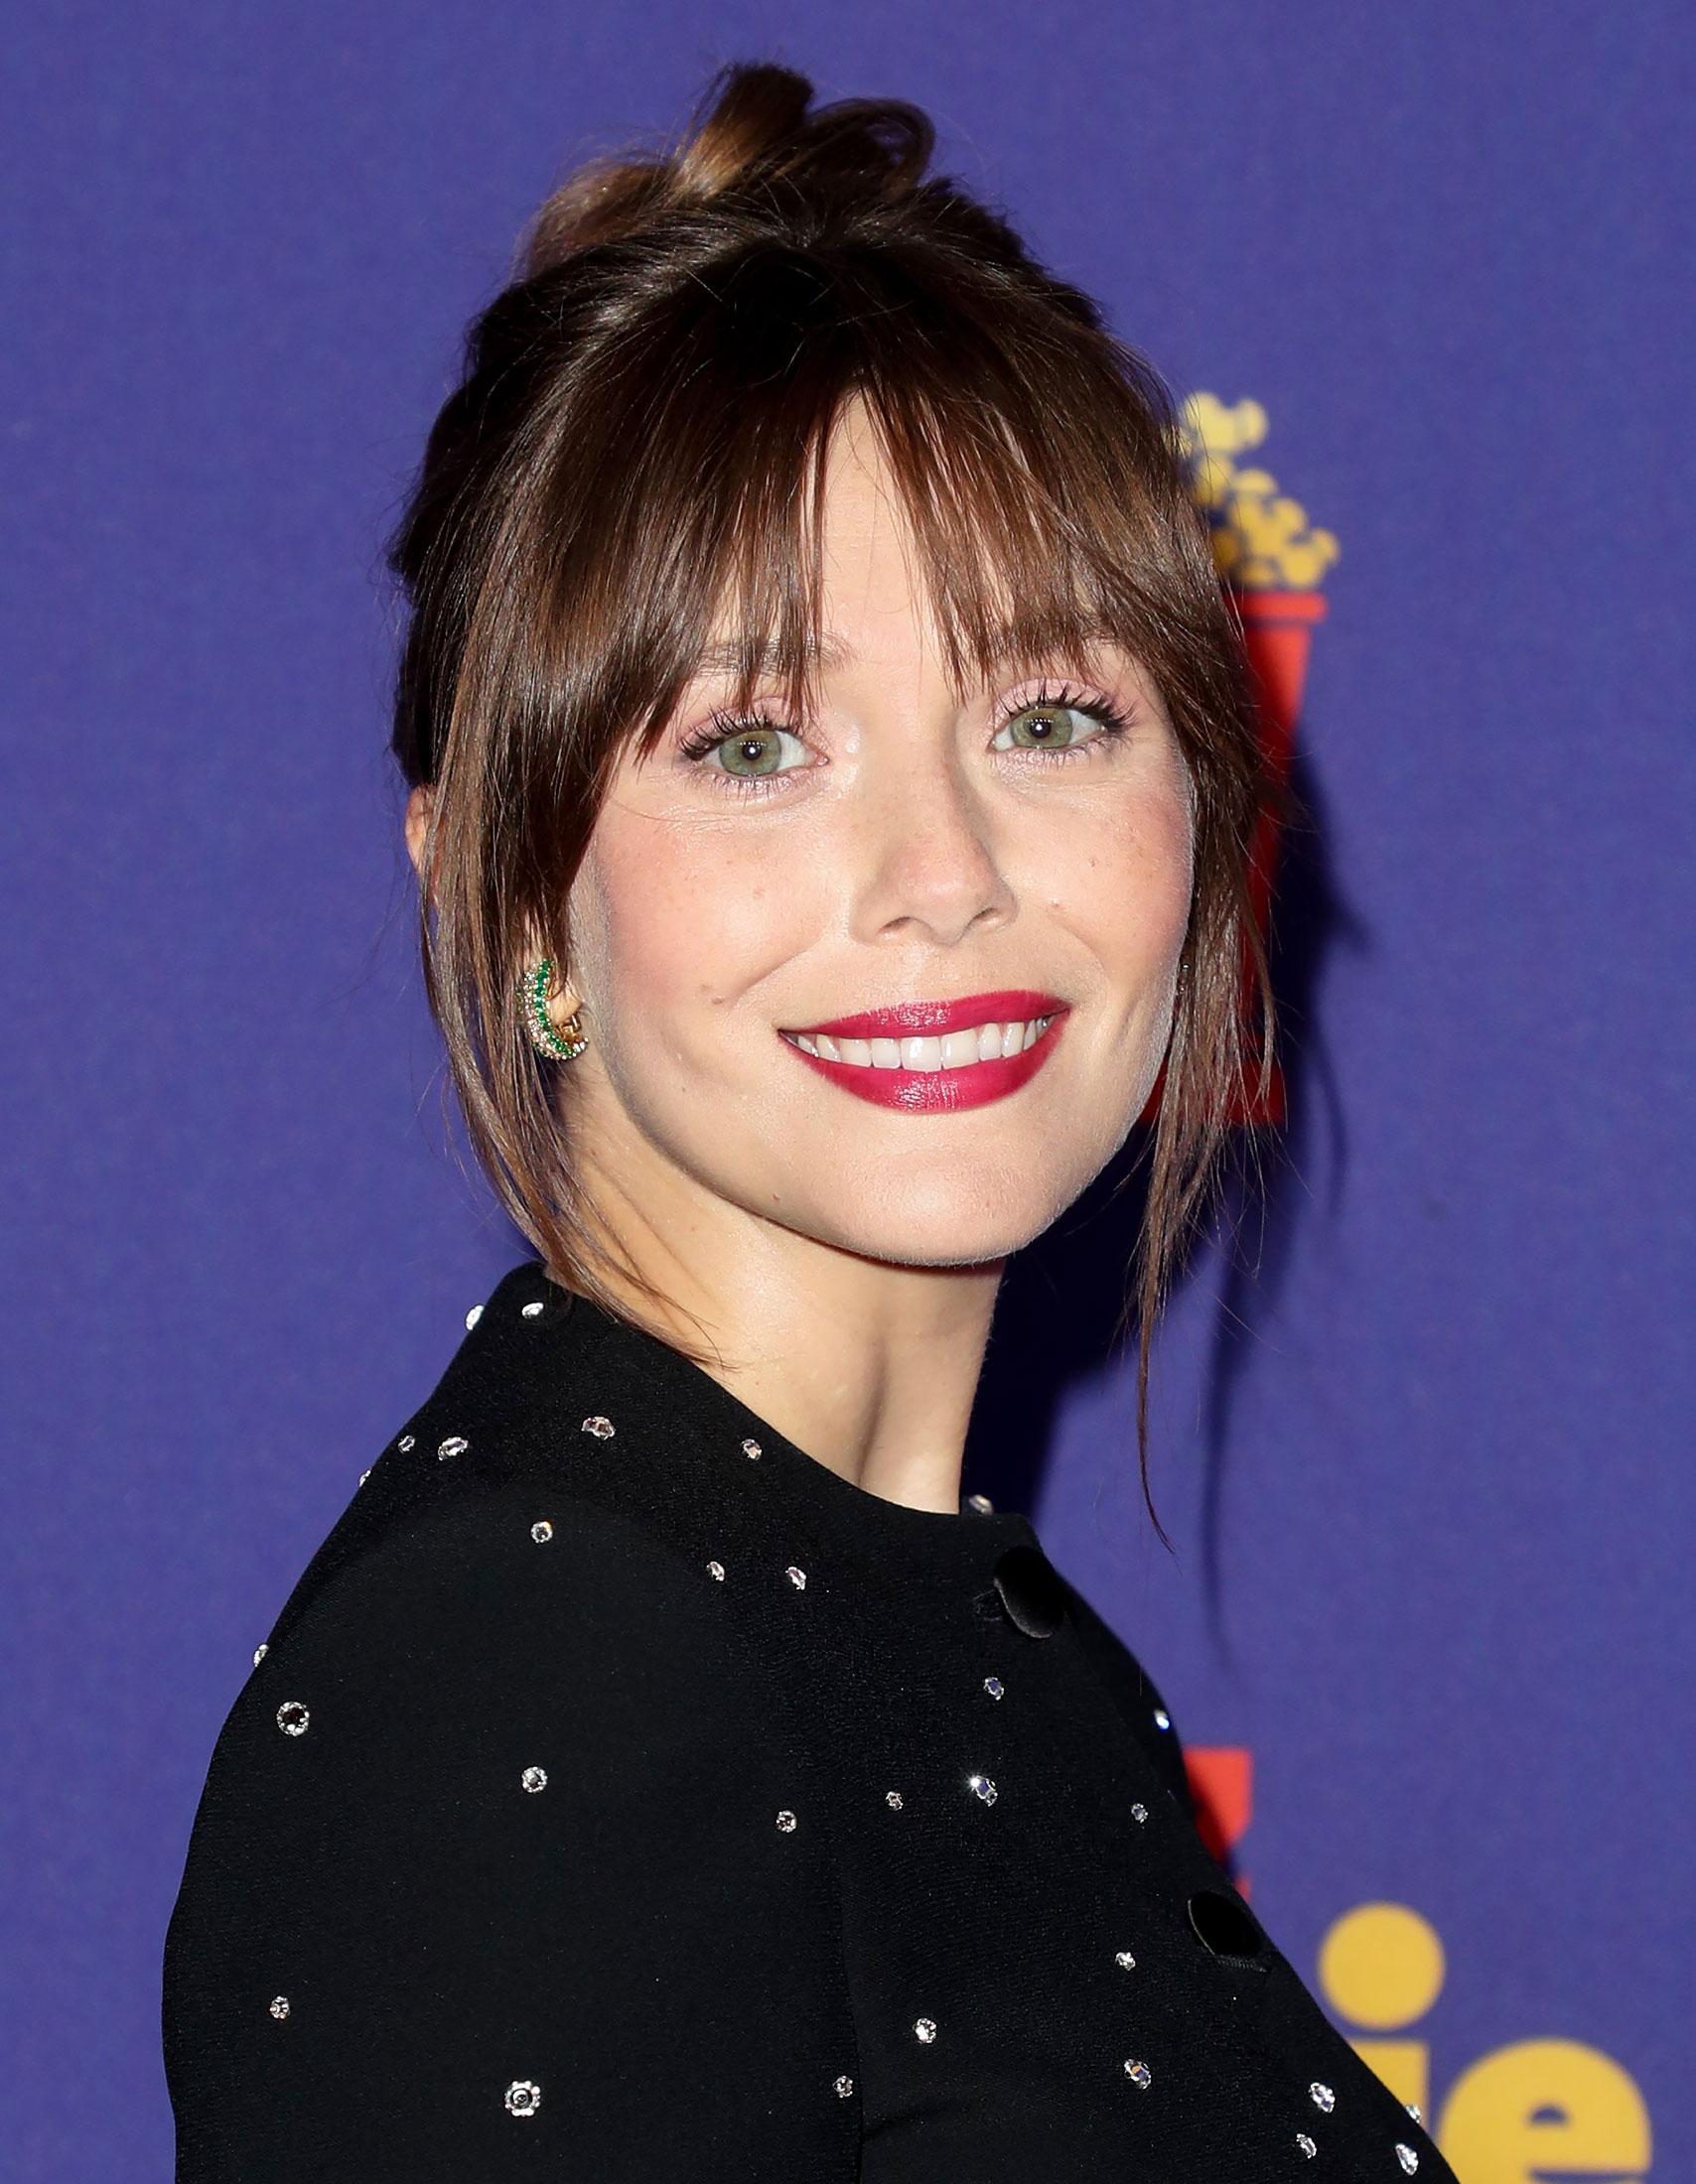 How Elizabeth Olsen Got Her Gorgeous Brunette 'Do at the 2021 MTV Awards